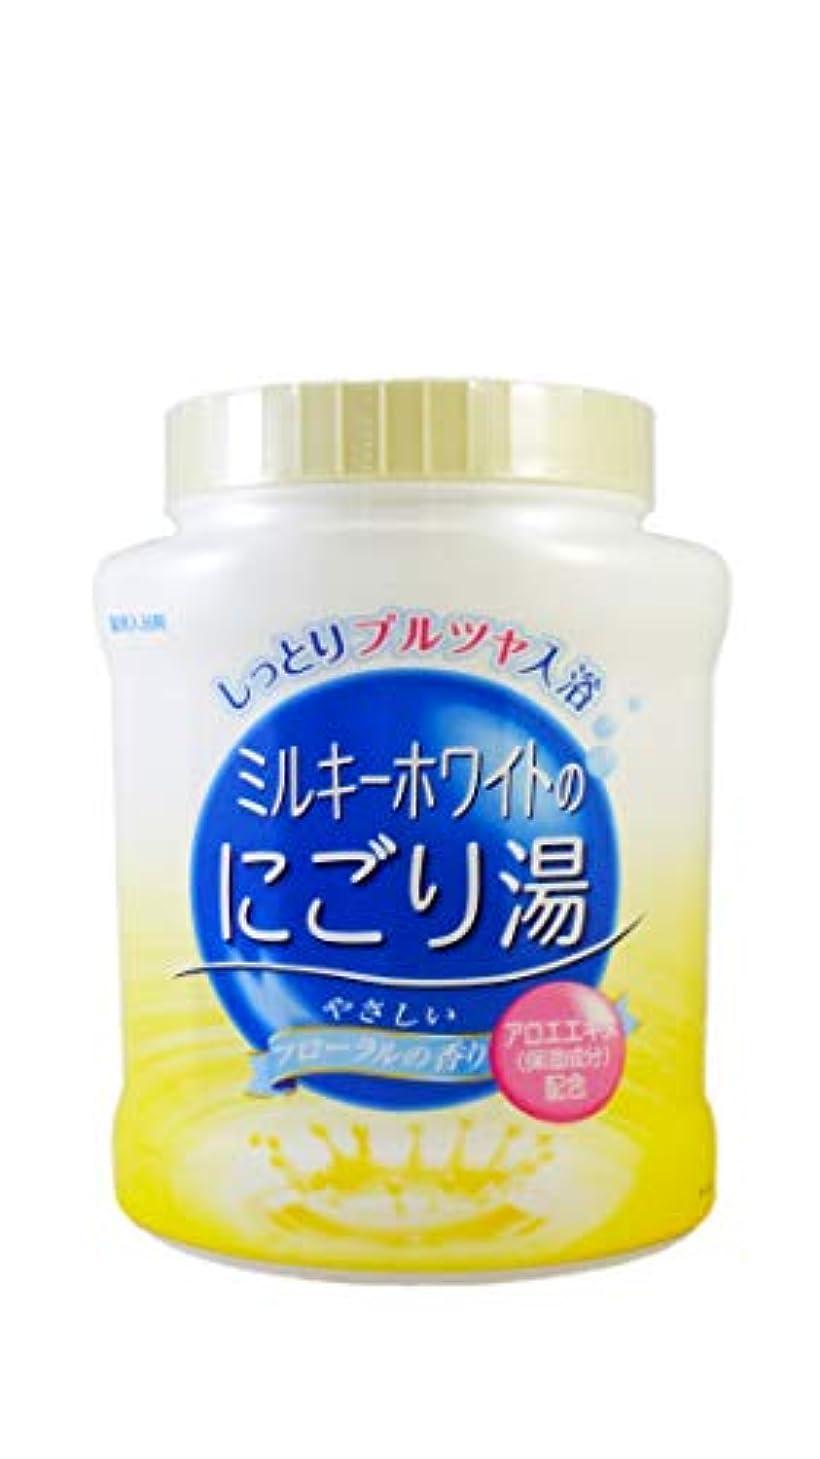 貞導体彼女は薬用入浴剤 ミルキーホワイトのにごり湯 やさしいフローラルの香り 天然保湿成分配合 医薬部外品 680g